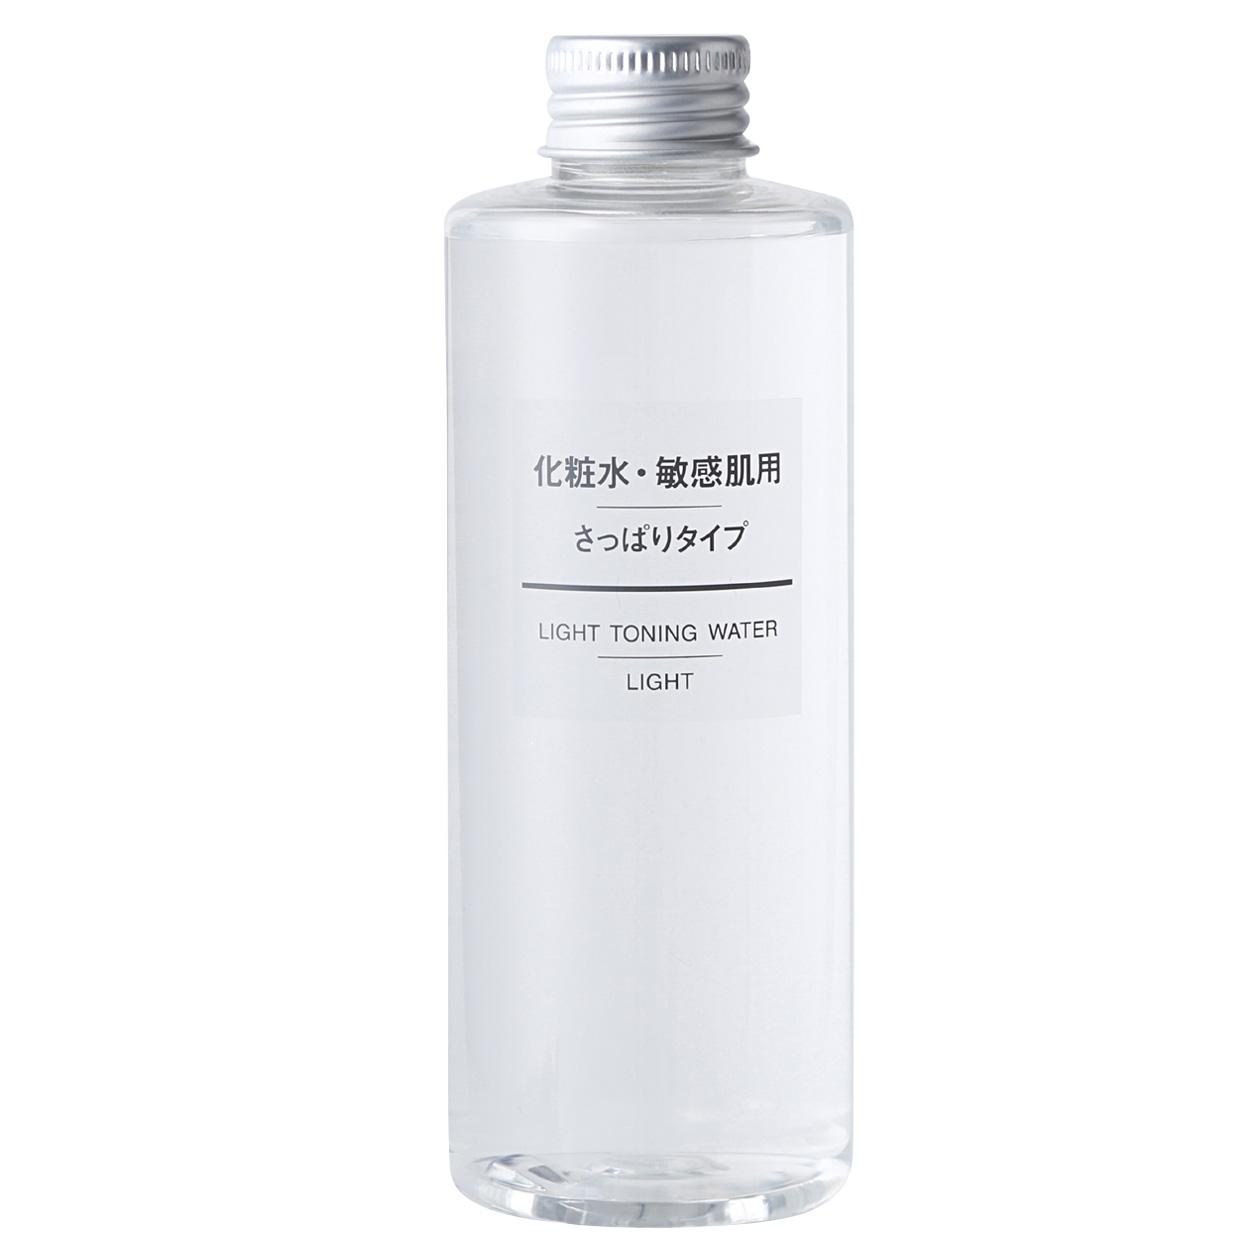 無印良品化粧水敏感肌用さっぱりタイプ